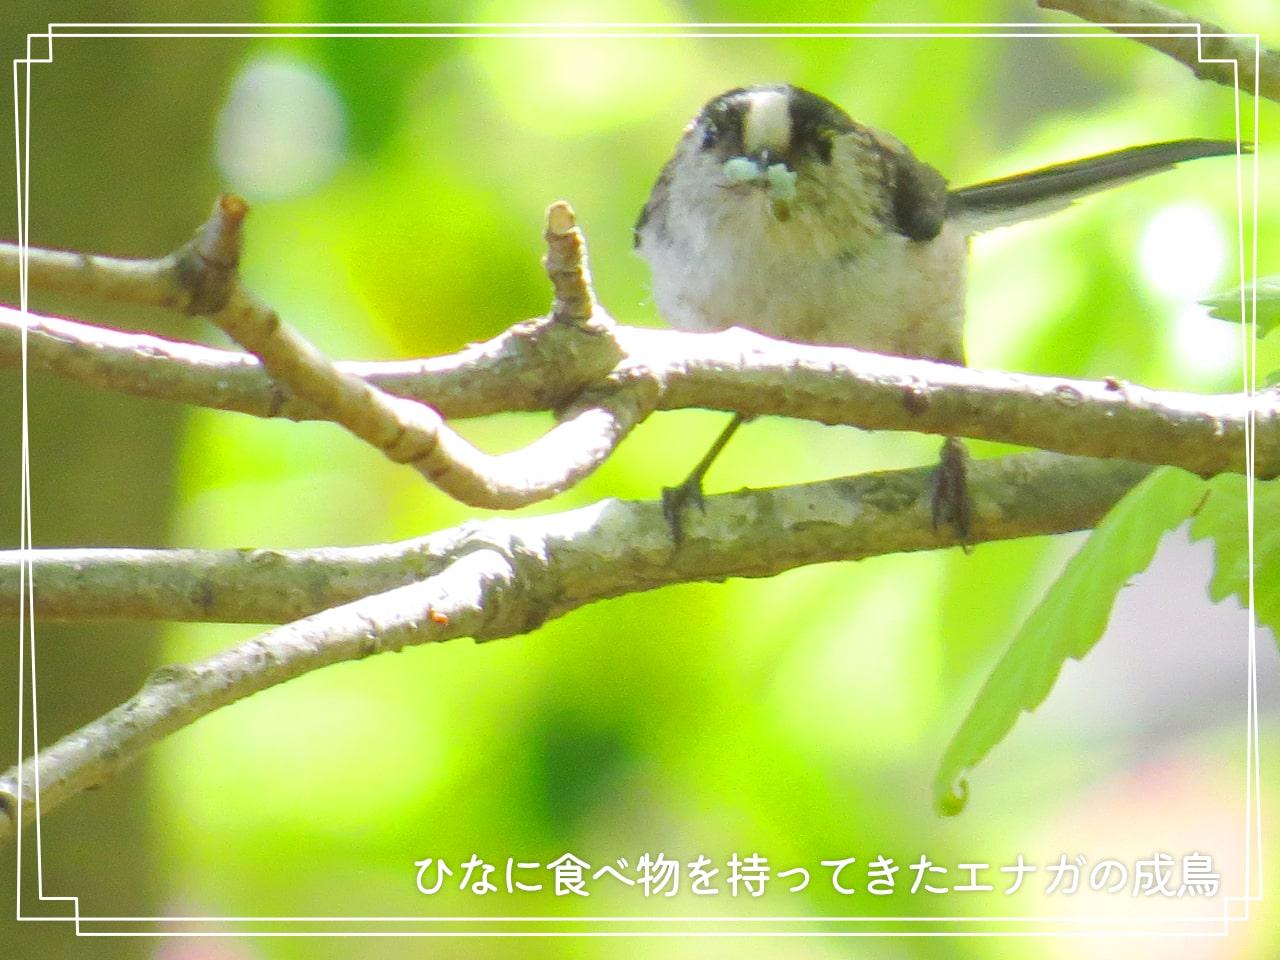 食べ物をくわえたエナガの親鳥の写真